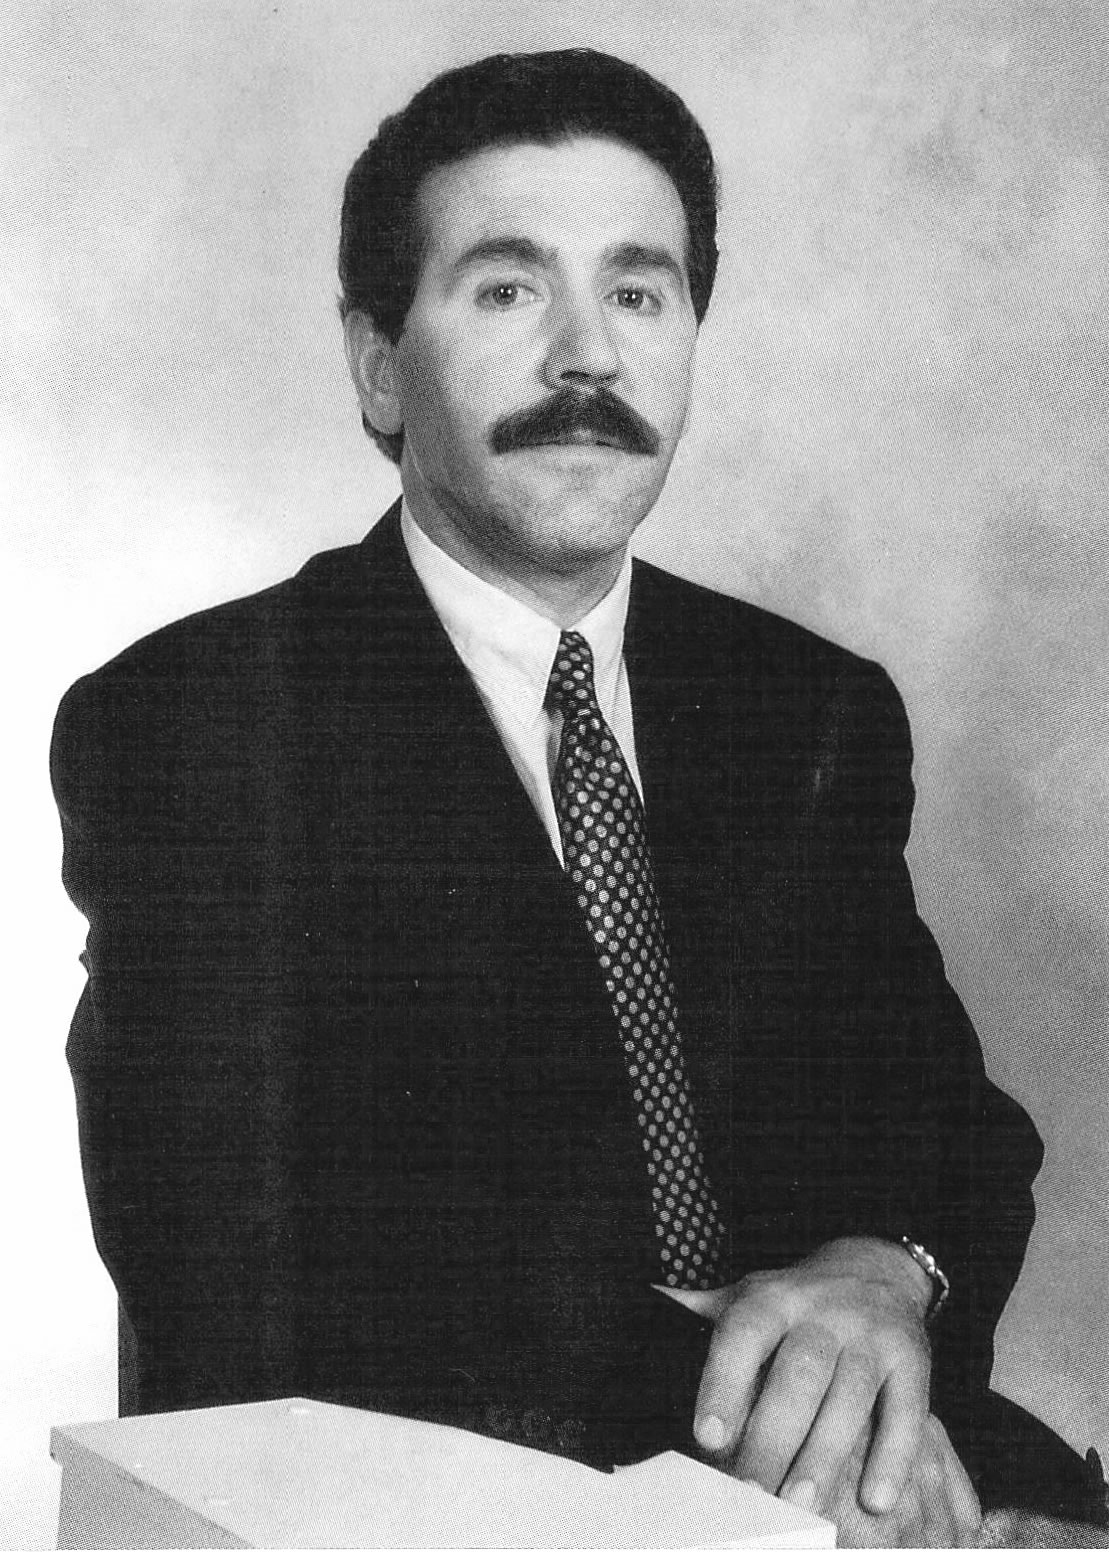 Vicente Argilés Gómez